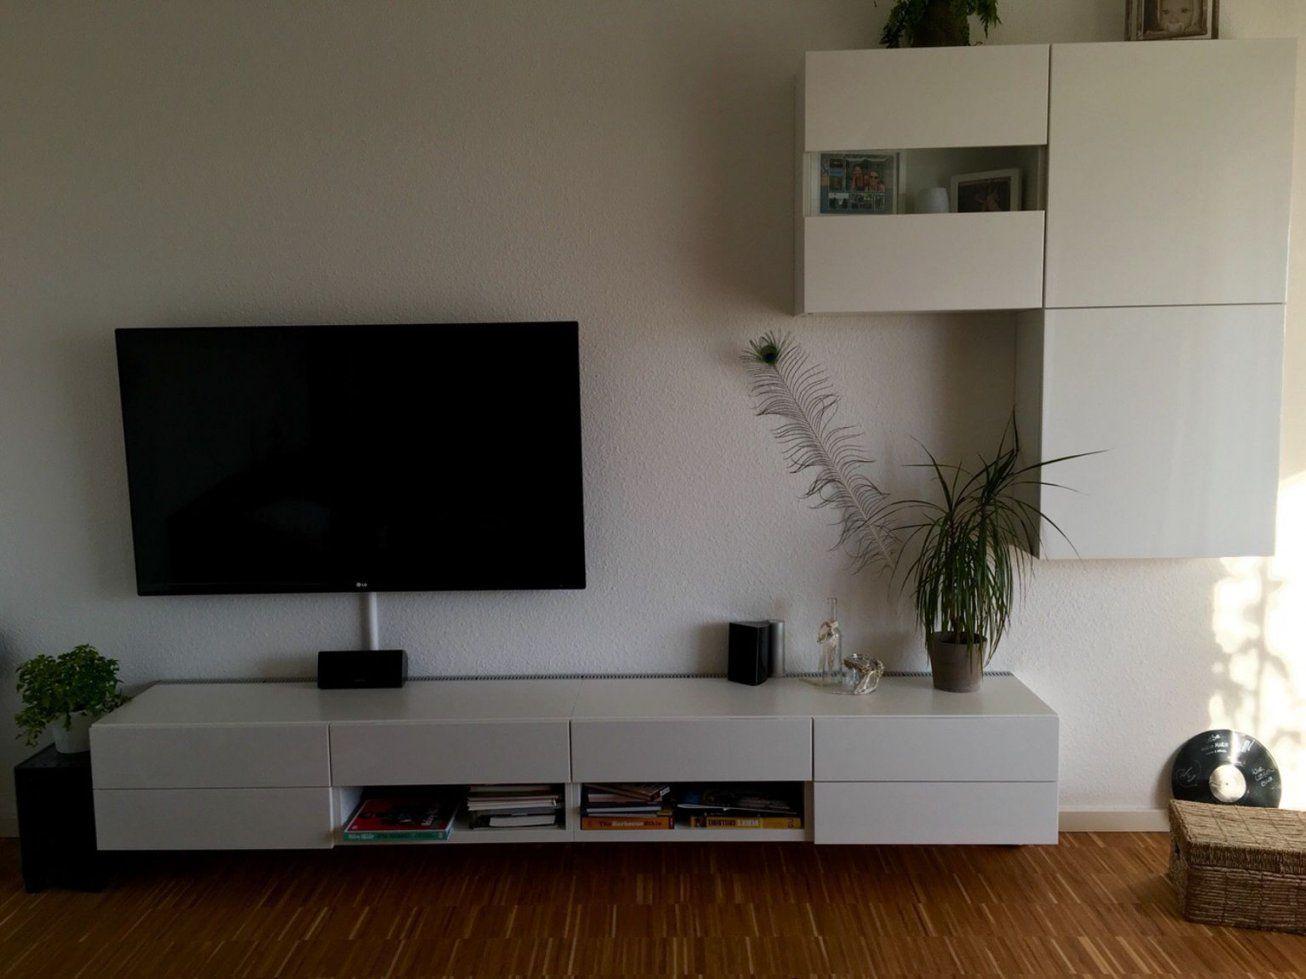 wohnwand ikea besta wohnwand ideen von ikea besta wohnwand ideen photo haus design ideen. Black Bedroom Furniture Sets. Home Design Ideas